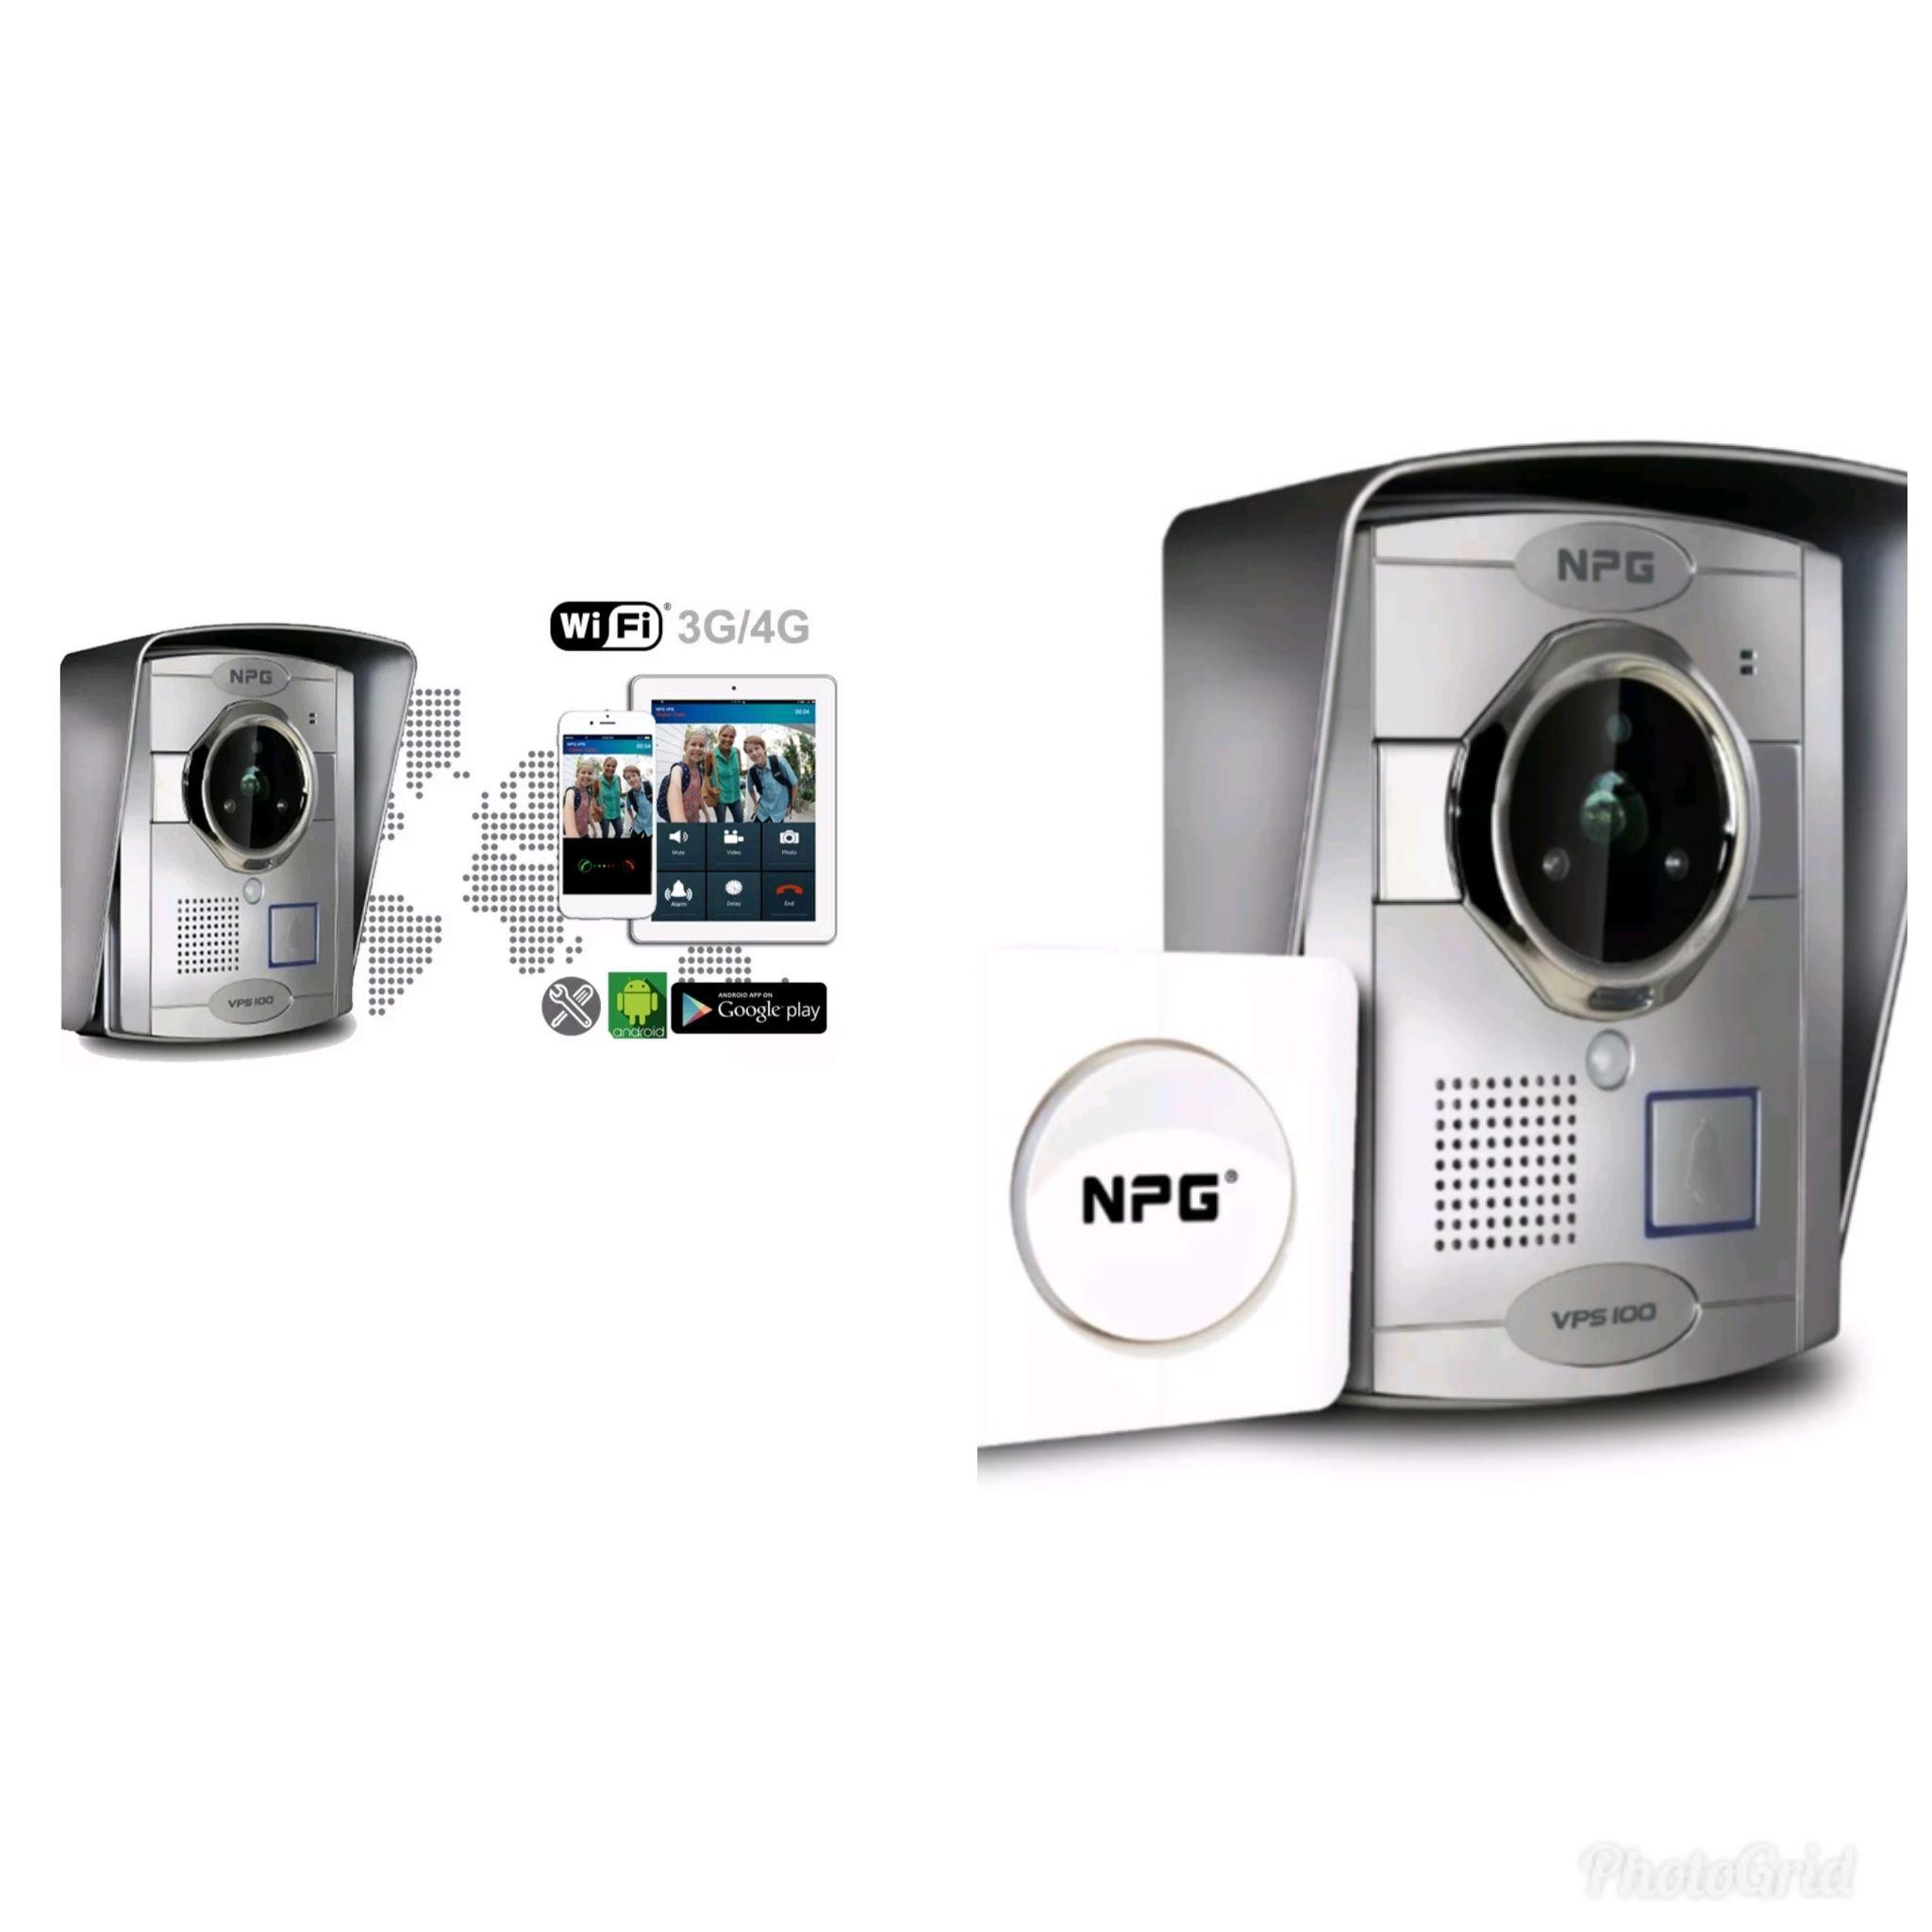 video portero VPS100, podrás ver a través de tu Smart Phone en tiempo real y desde cualquier parte,